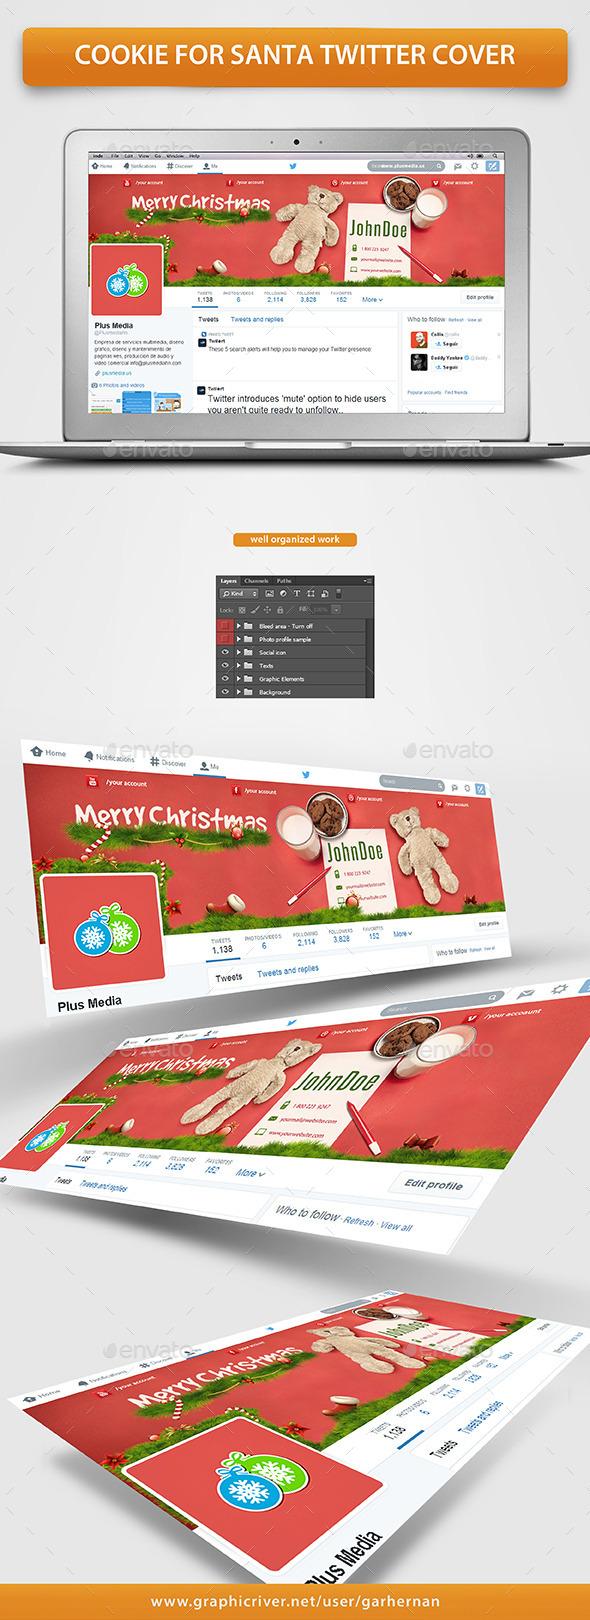 Cookie For Santa Twitter Cover - Twitter Social Media